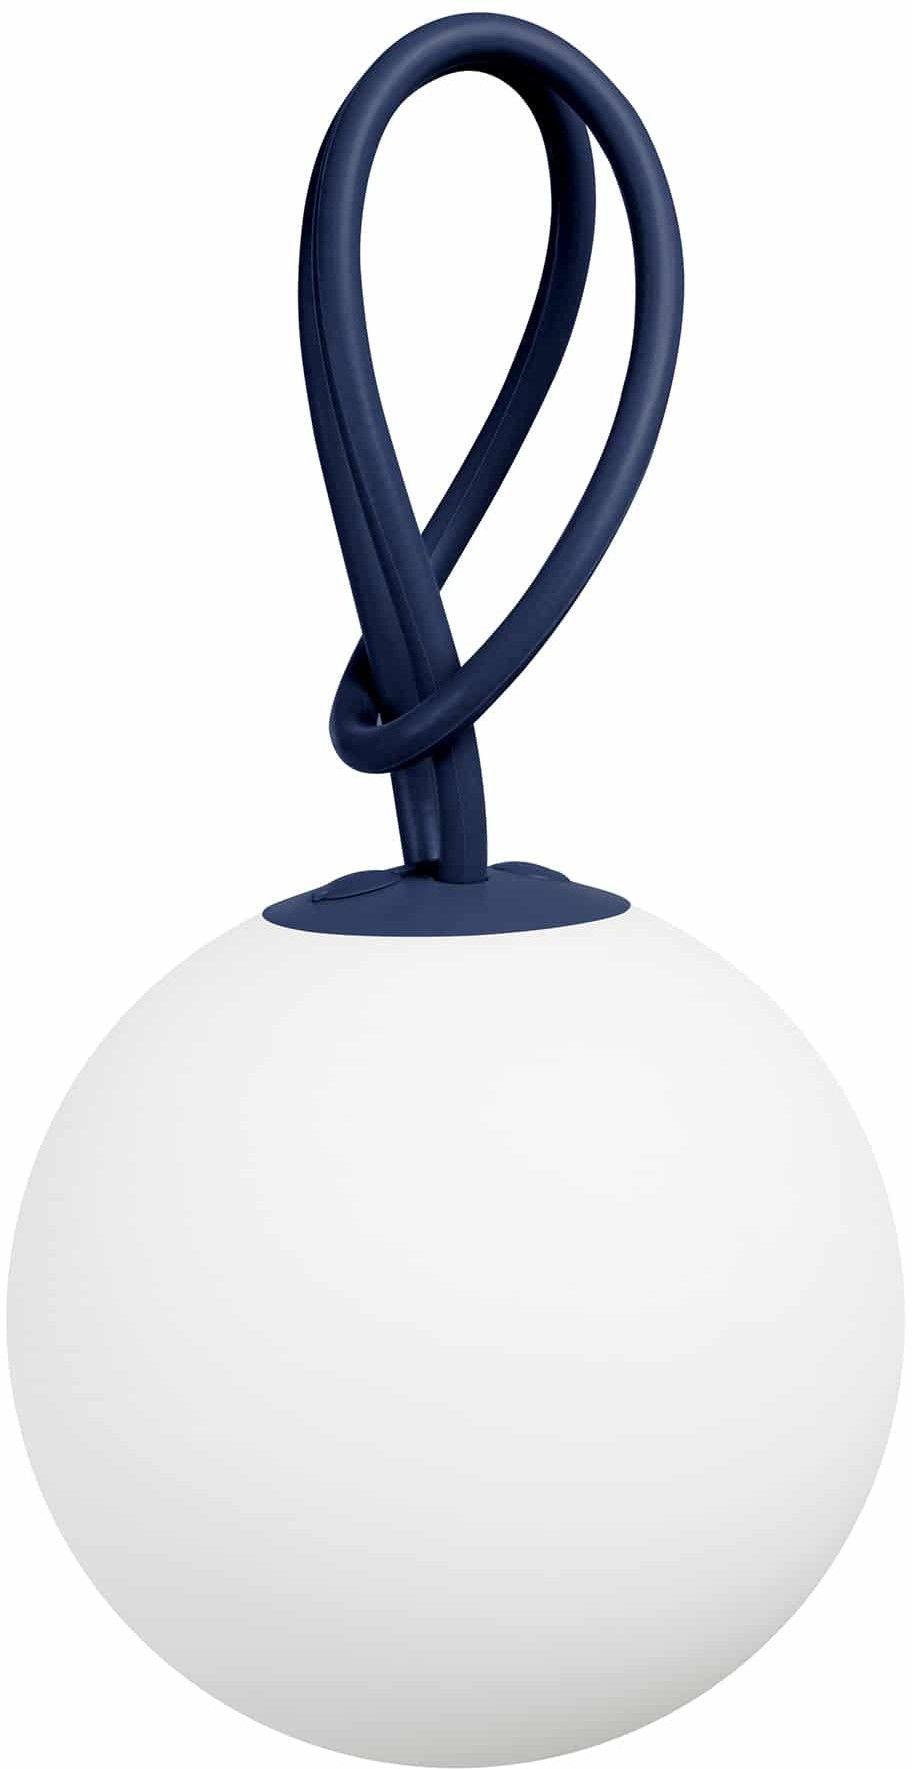 Lampy sufitowe bezprzewodowe